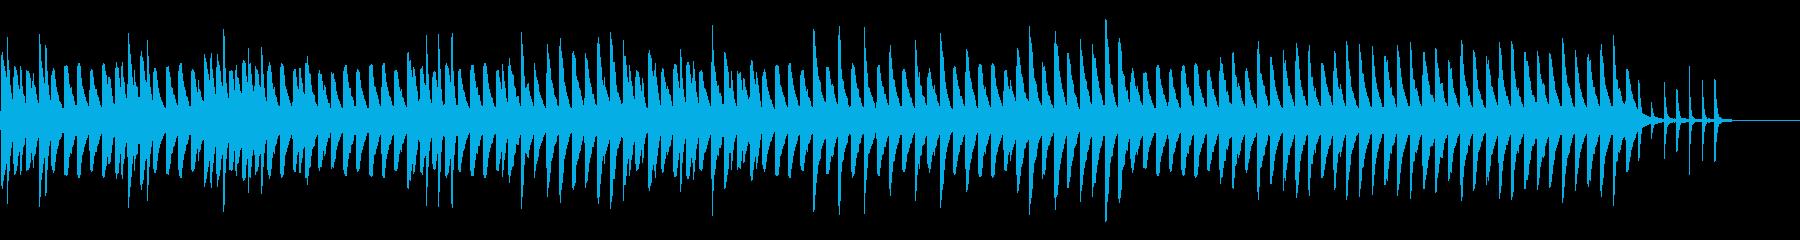 【イージーリスニング】ピアノ リラックスの再生済みの波形